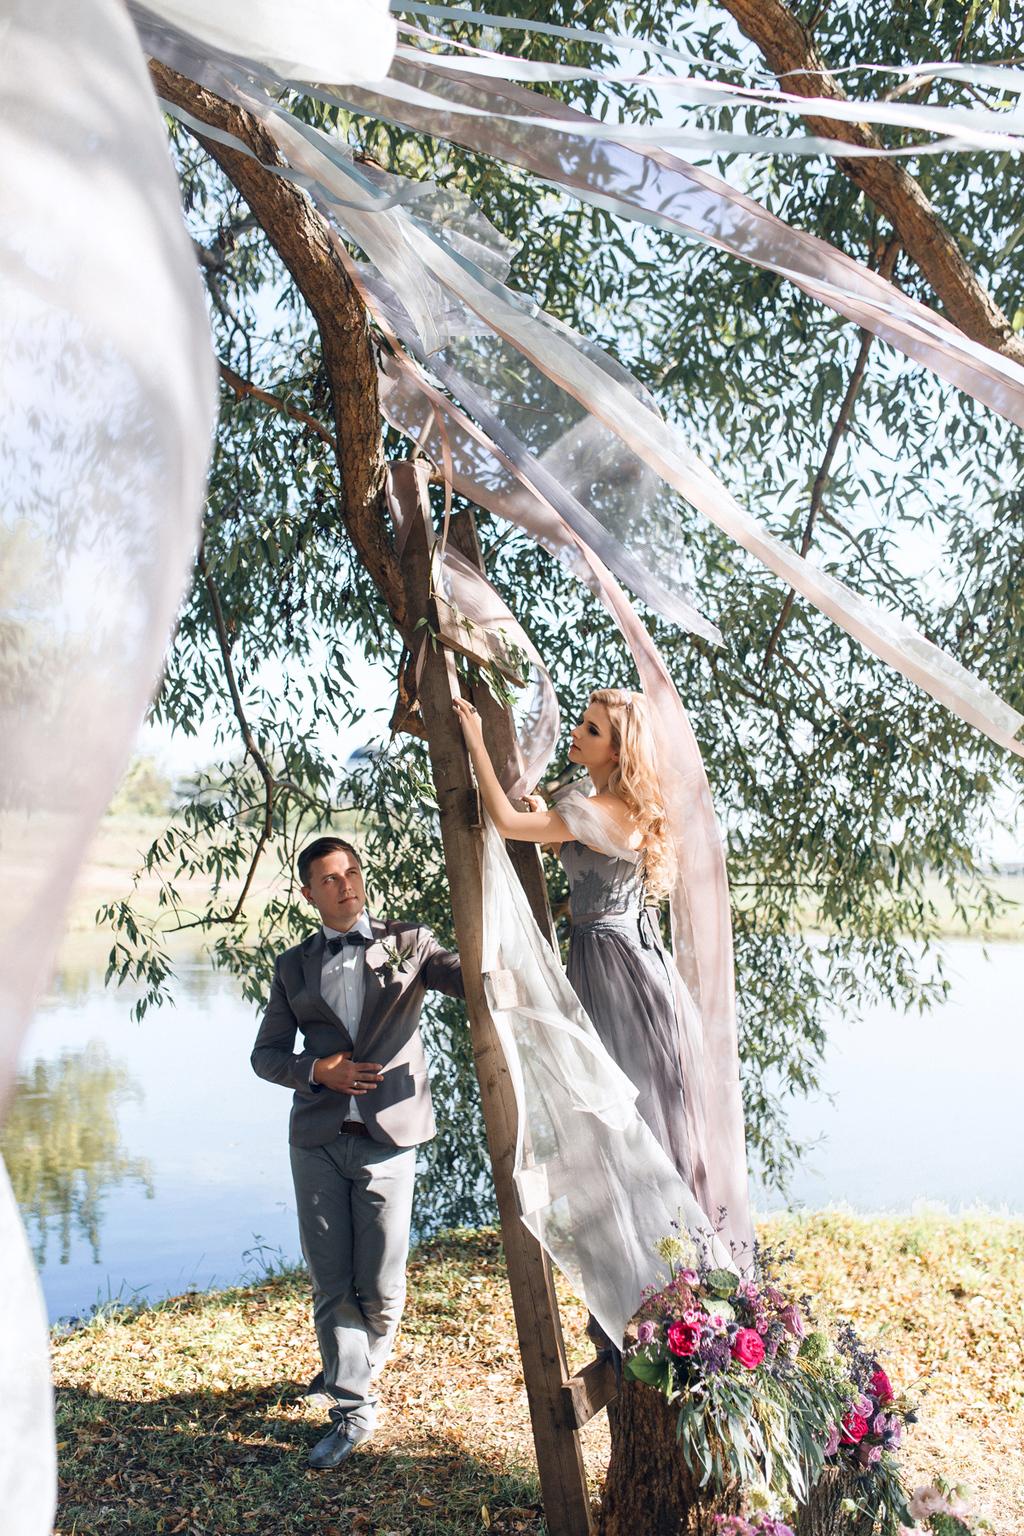 Sweet wedding day Nastya & Evgeny